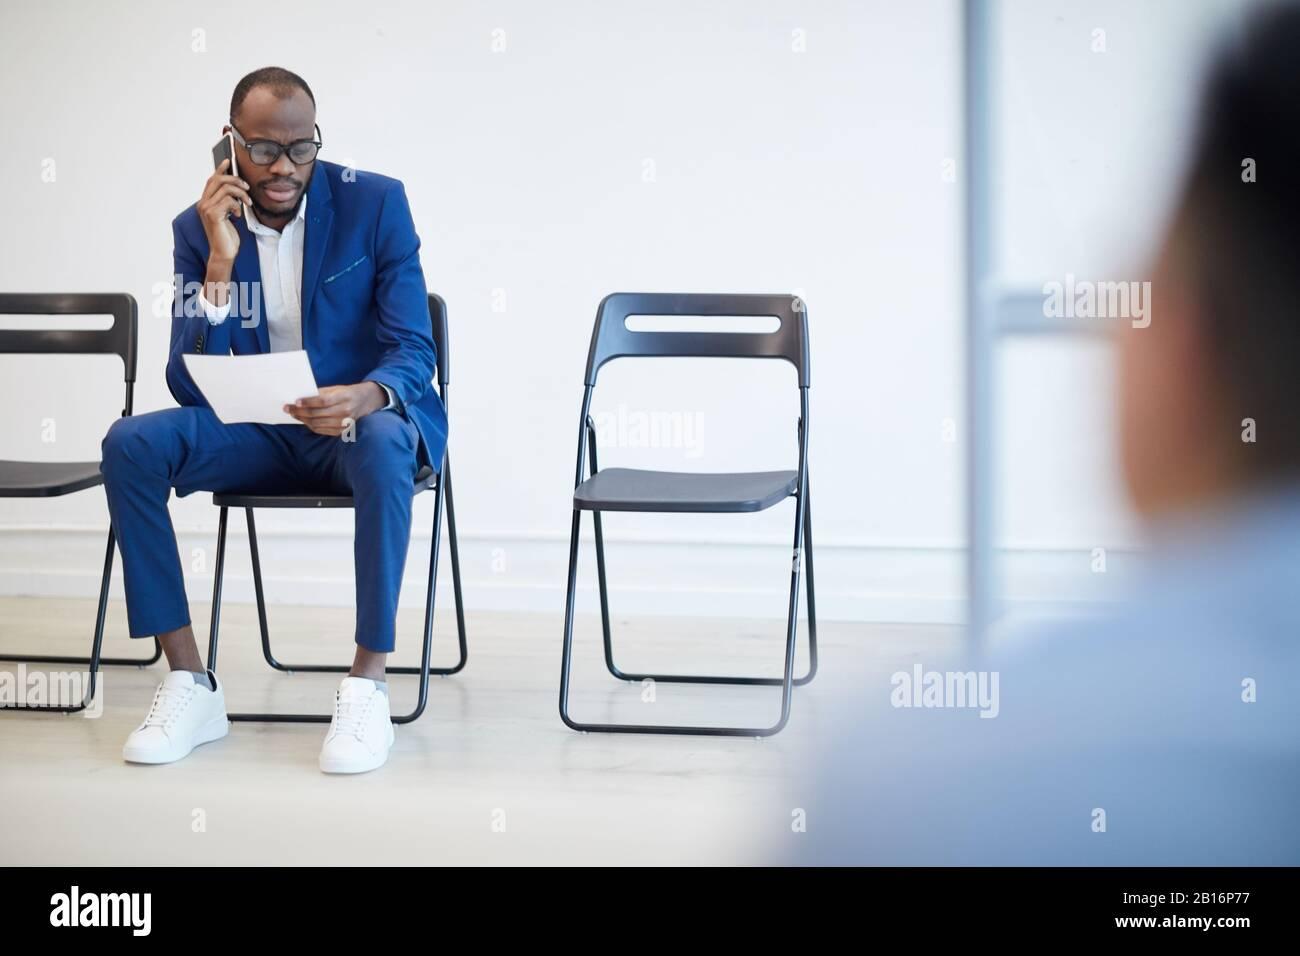 Portrait complet de l'homme afro-américain moderne en attente d'entrevue d'emploi derrière la paroi de verre et en parlant par téléphone, espace de copie Banque D'Images